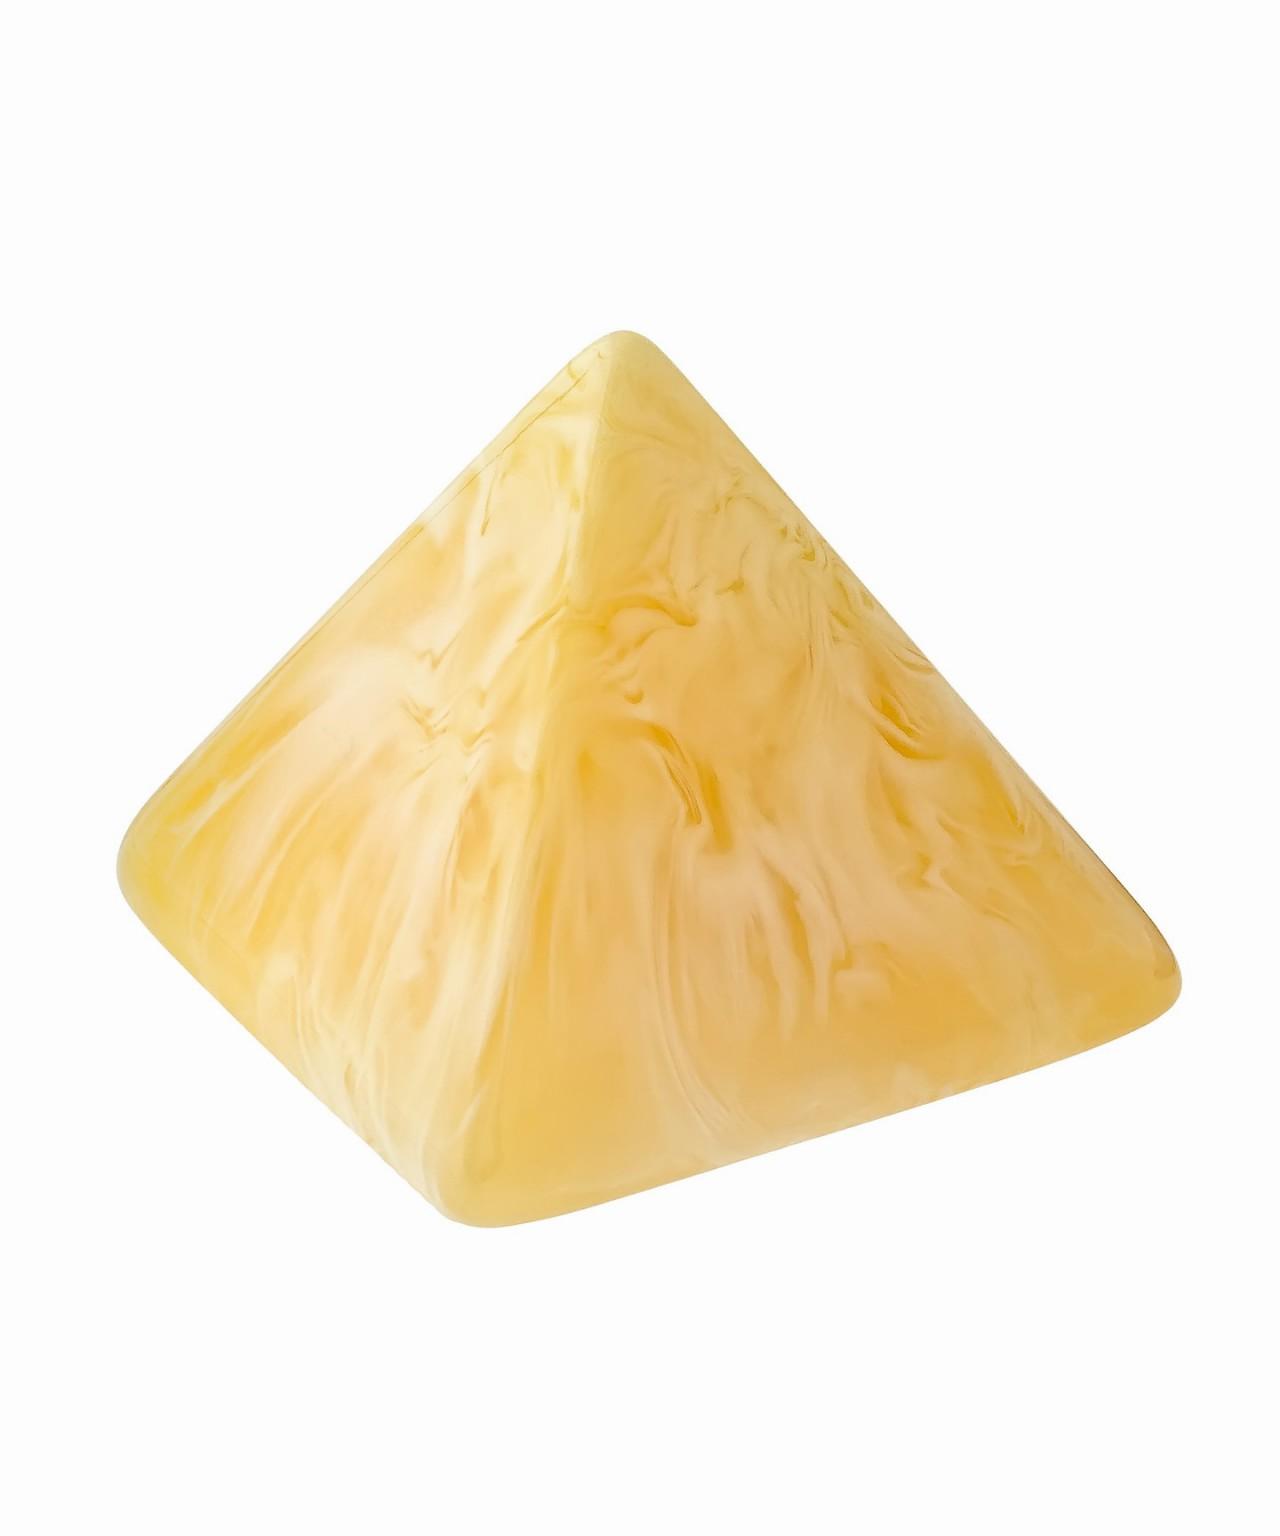 Пирамидка большая 1322